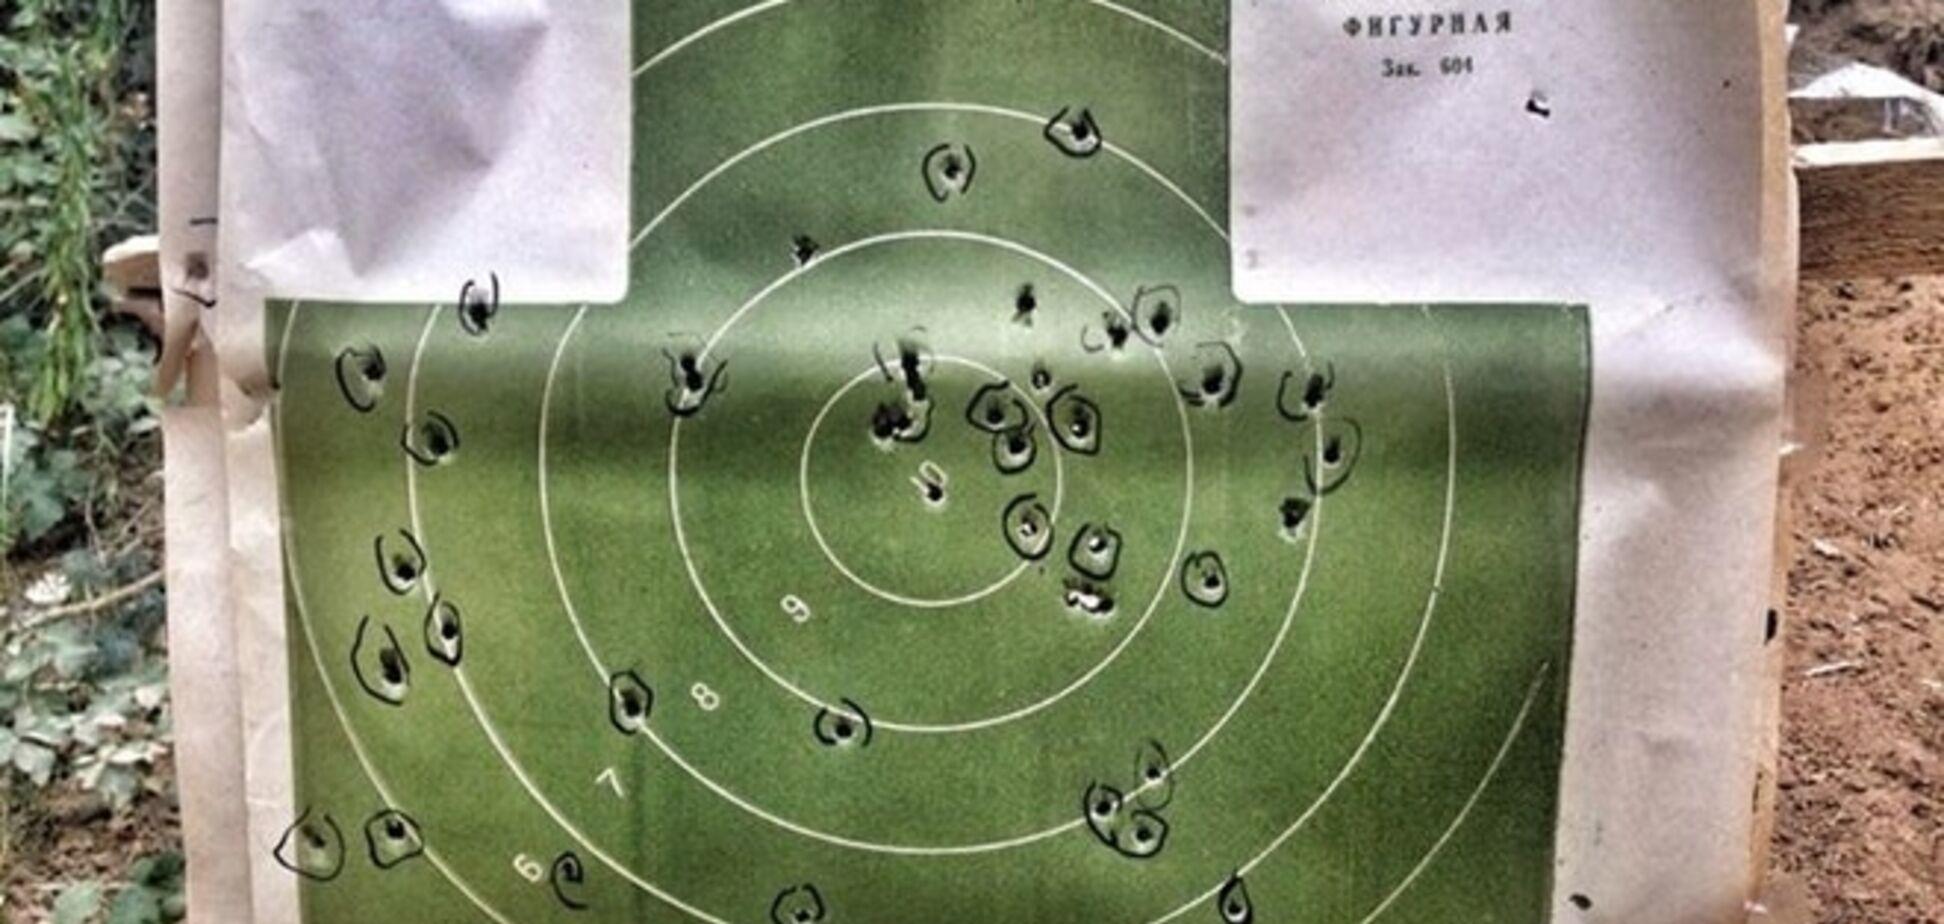 Найем похвастался стрельбой на полигоне: фото мишени с результатами